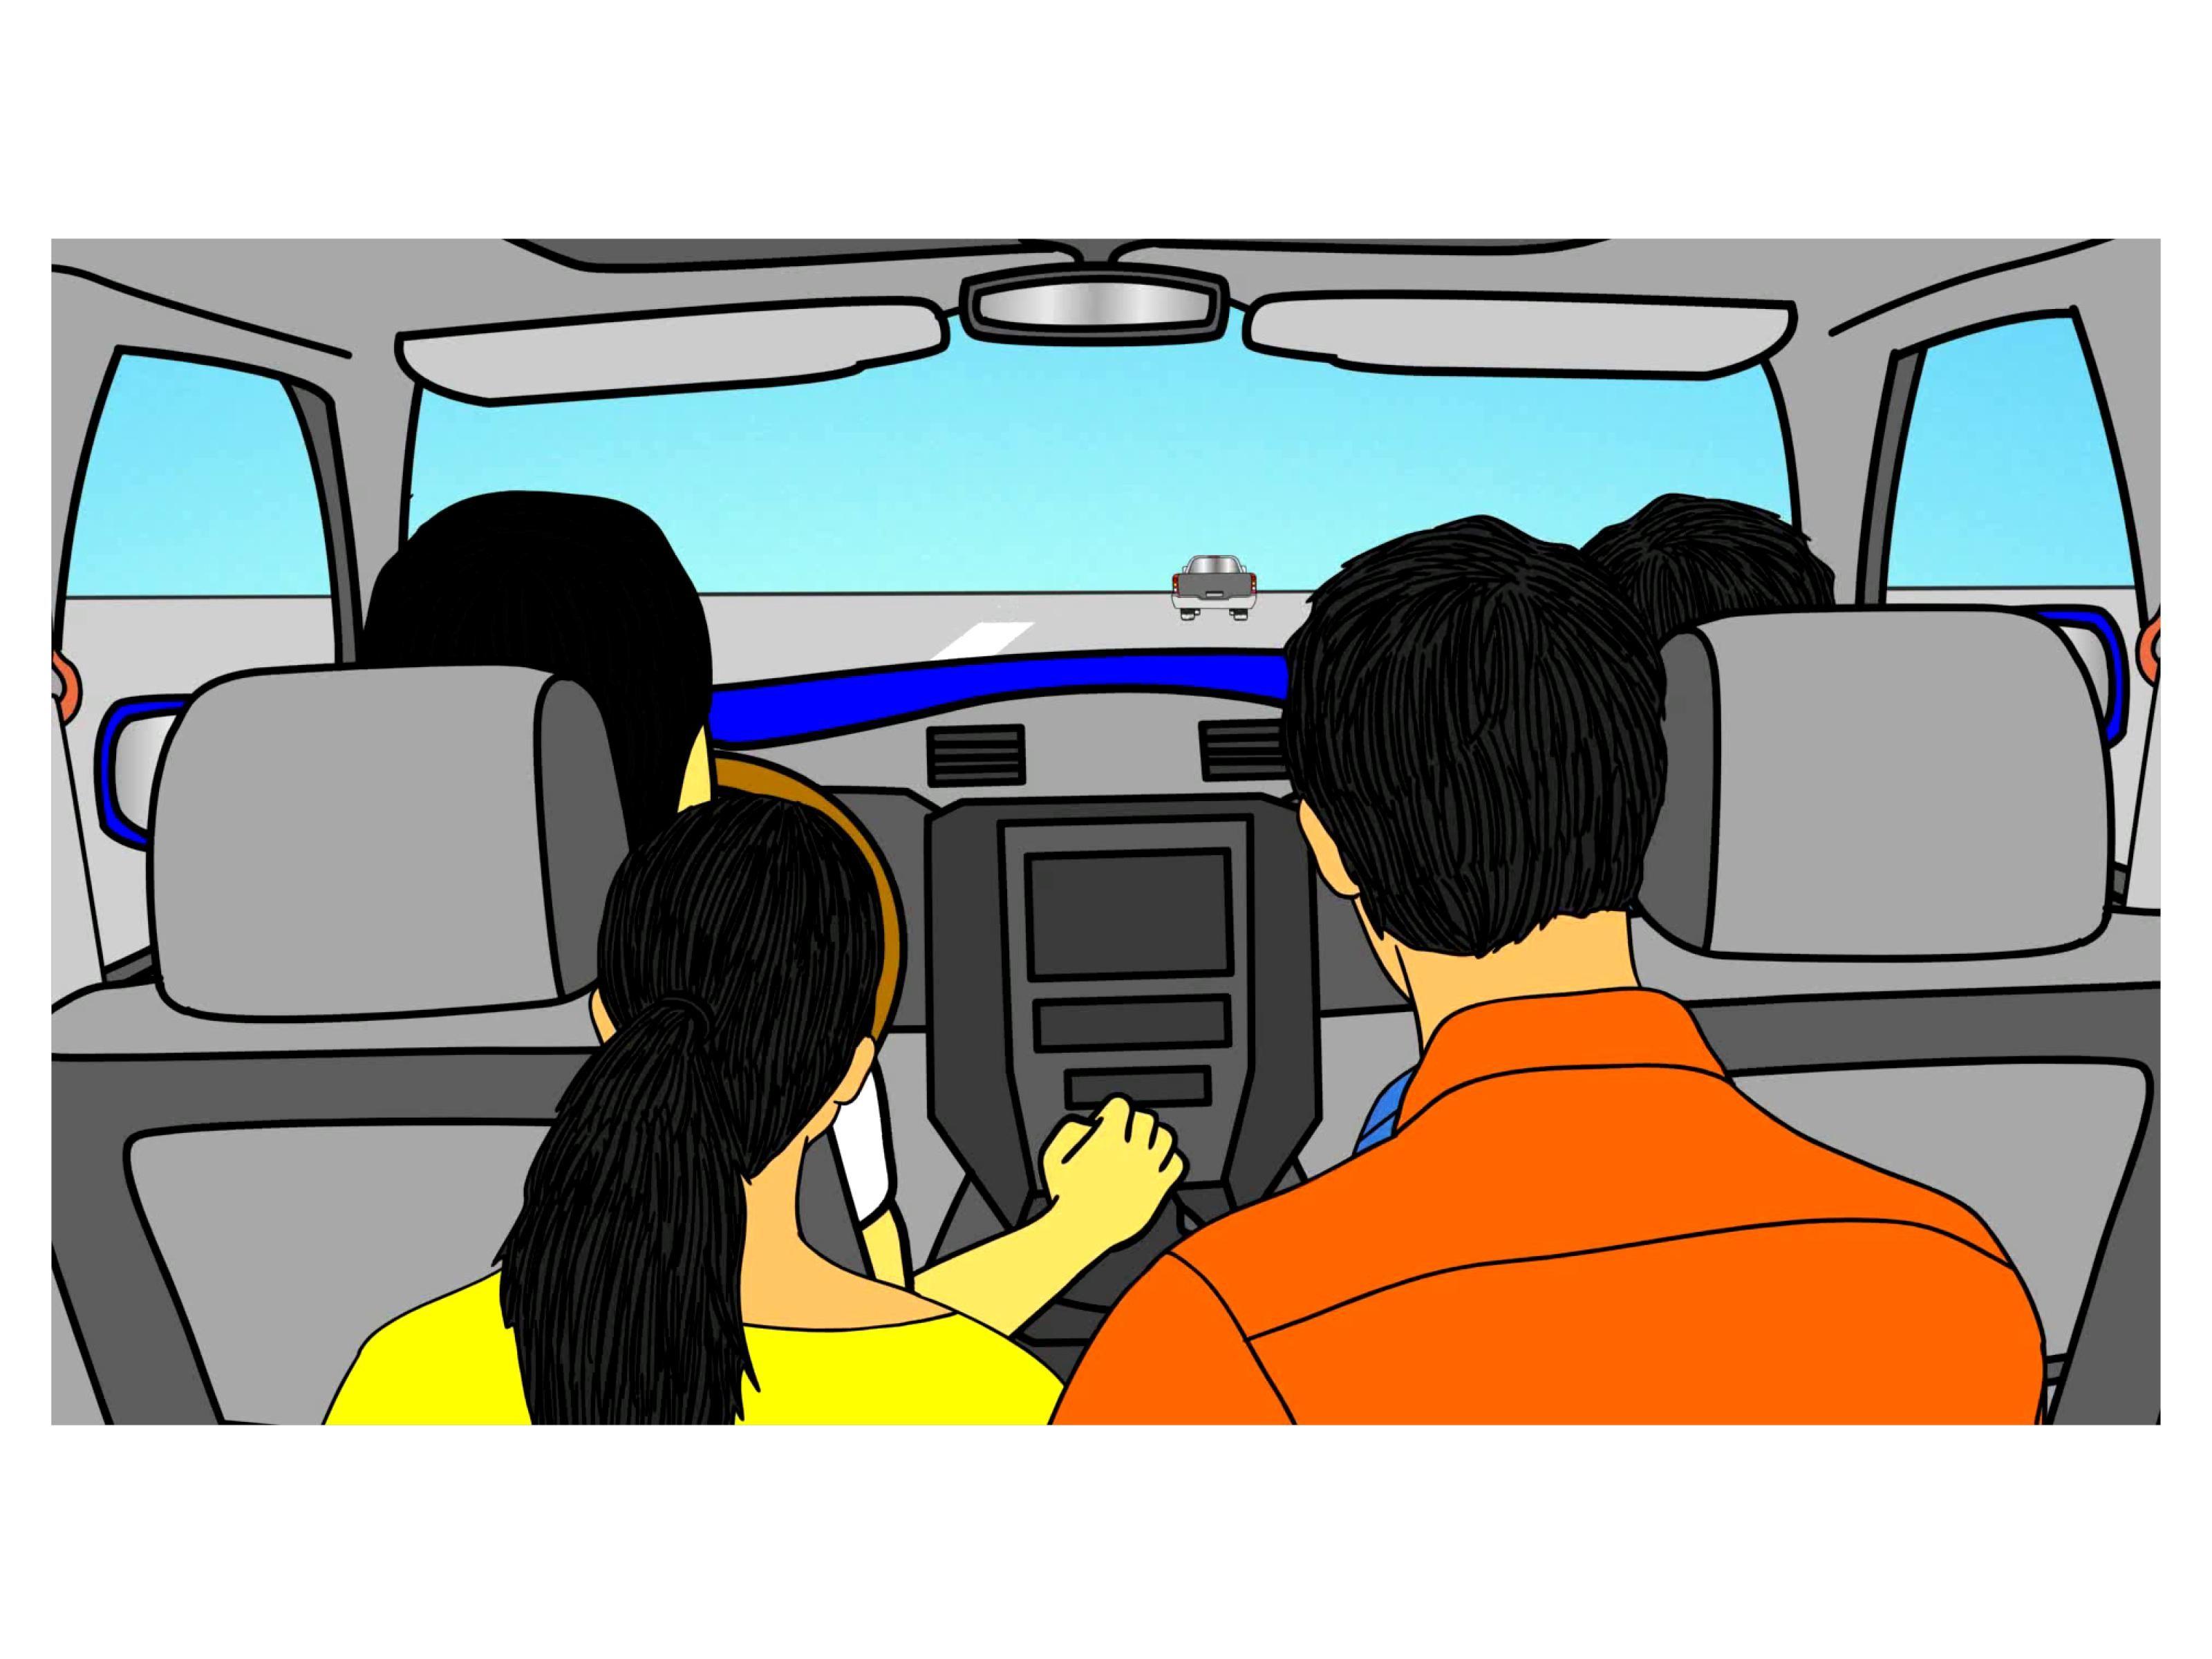 Saper guidare è una delle capacità più utili al mondo. Prima di cominciare però, devi ricordare che guidare è un privilegio, non un diritto, e che dovresti imparare a essere un guidatore responsabile prima di inserire la chiave di acce...